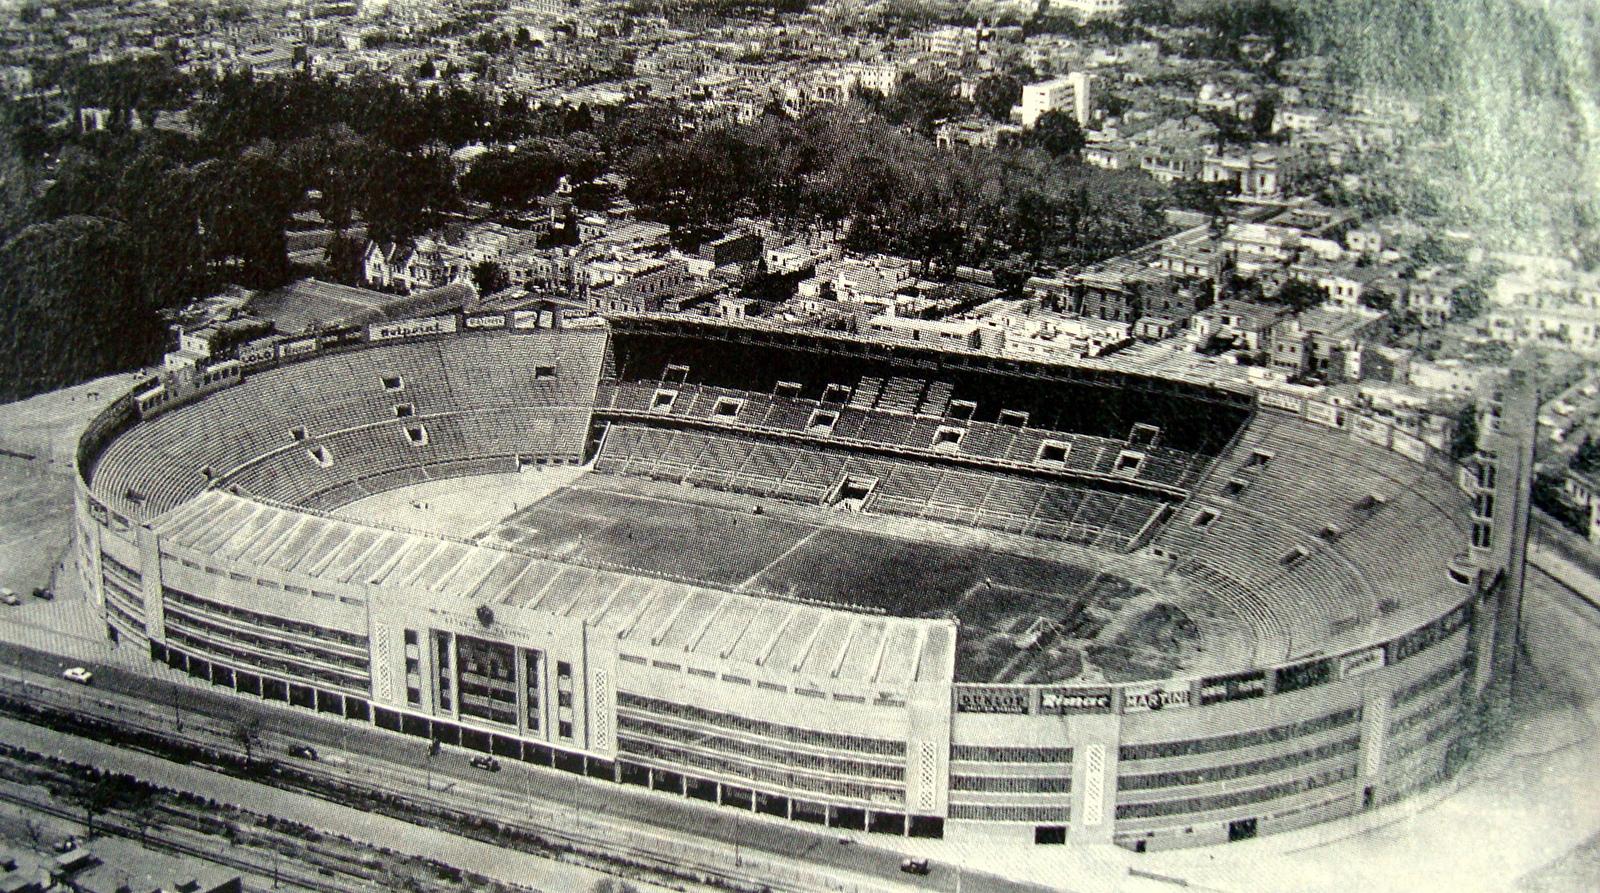 Estadio nacional de lima per estadio nacional desde for Puerta 9 del estadio nacional de lima